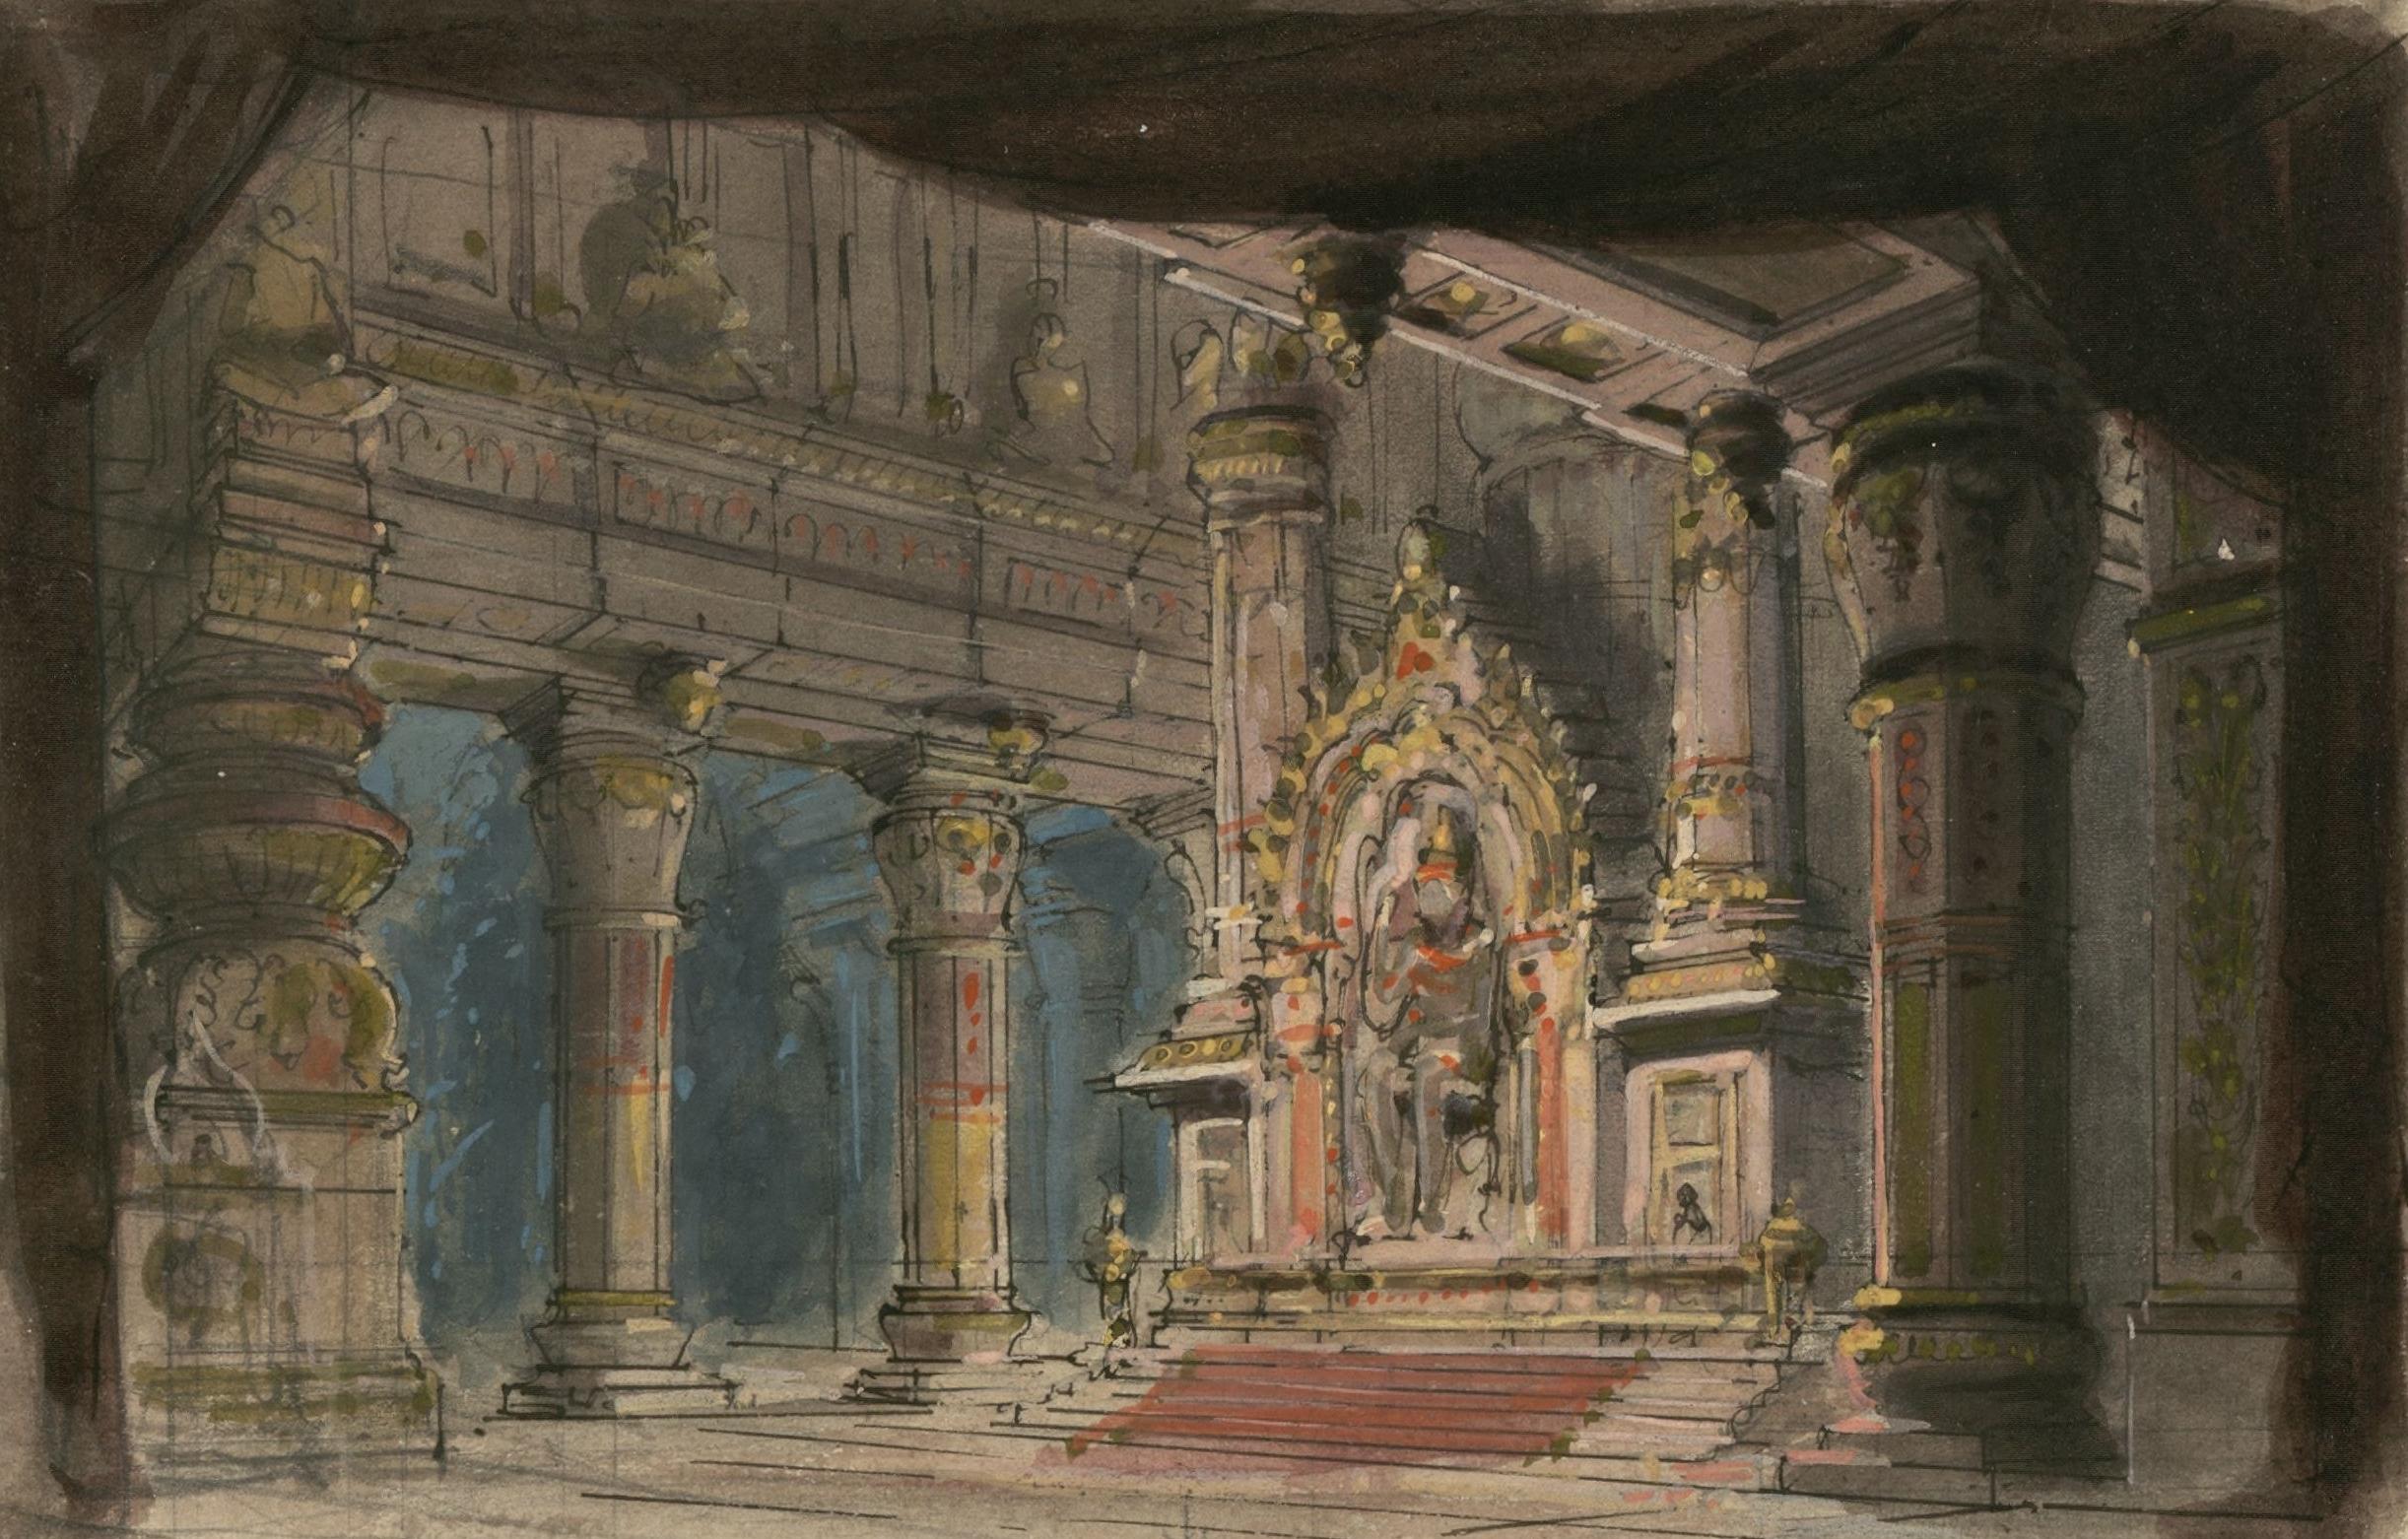 File:Jules Massenet - Le roi de Lahore - Acte V, tableau 1, Intérieur du sanctuaire d'Indra ...